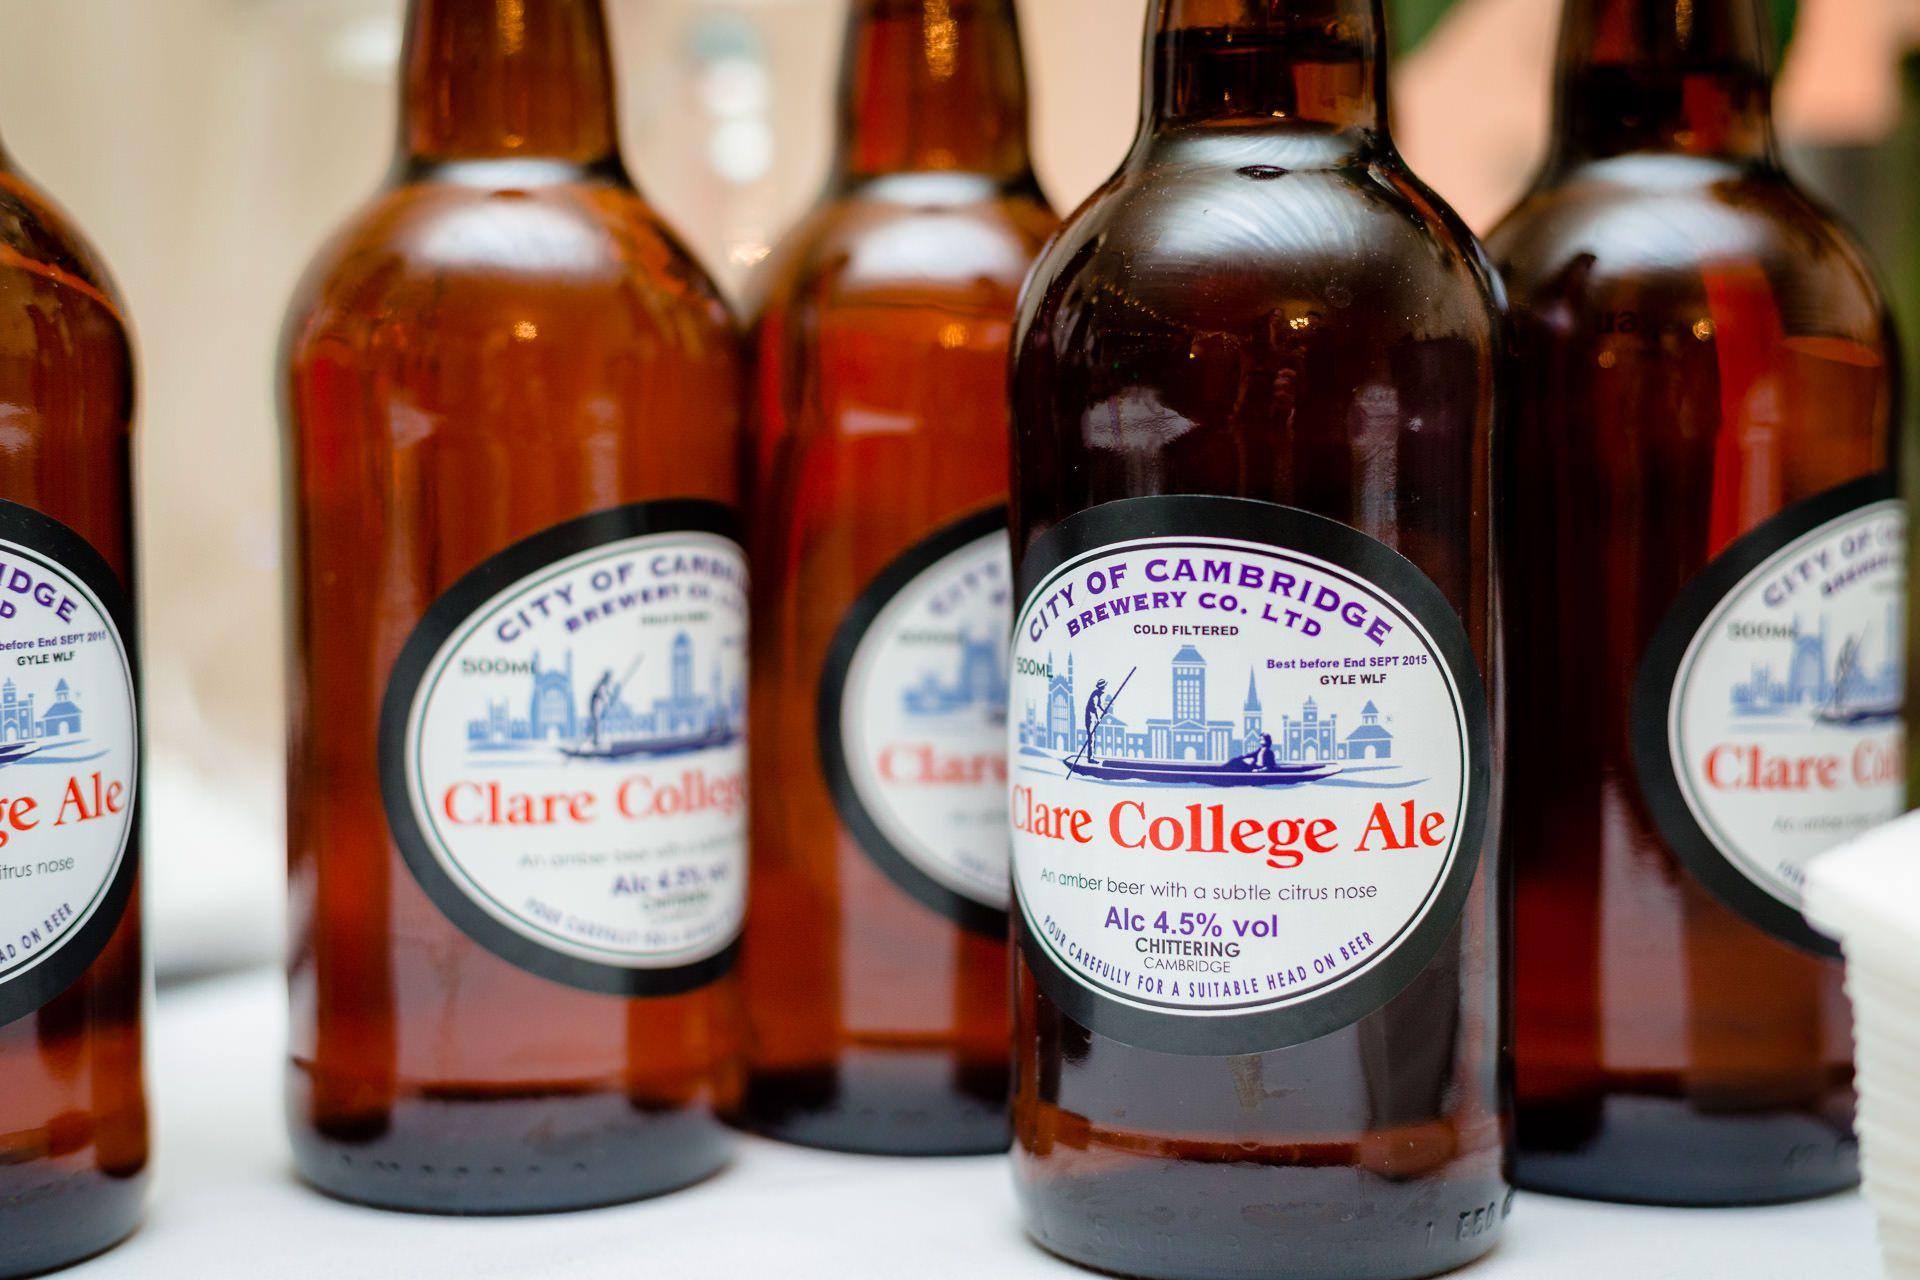 clare college ale